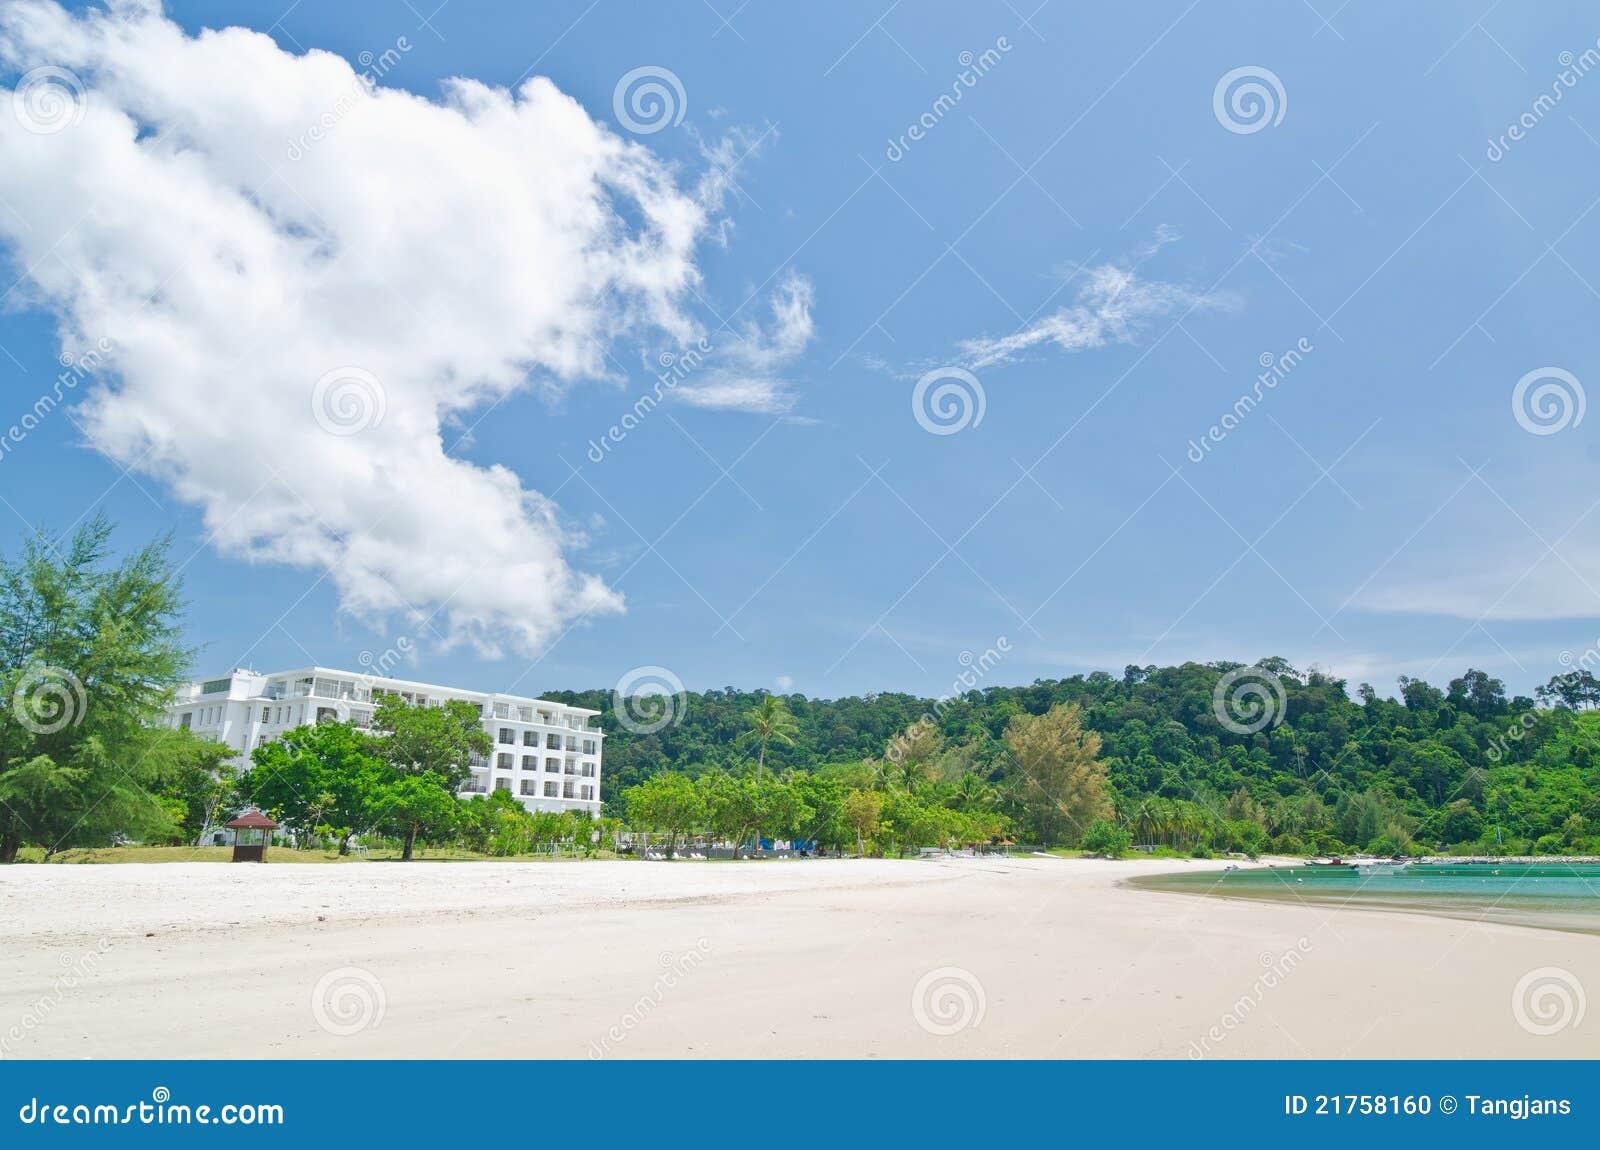 Pantai Kok Langkawi Malaysia Stock Photo